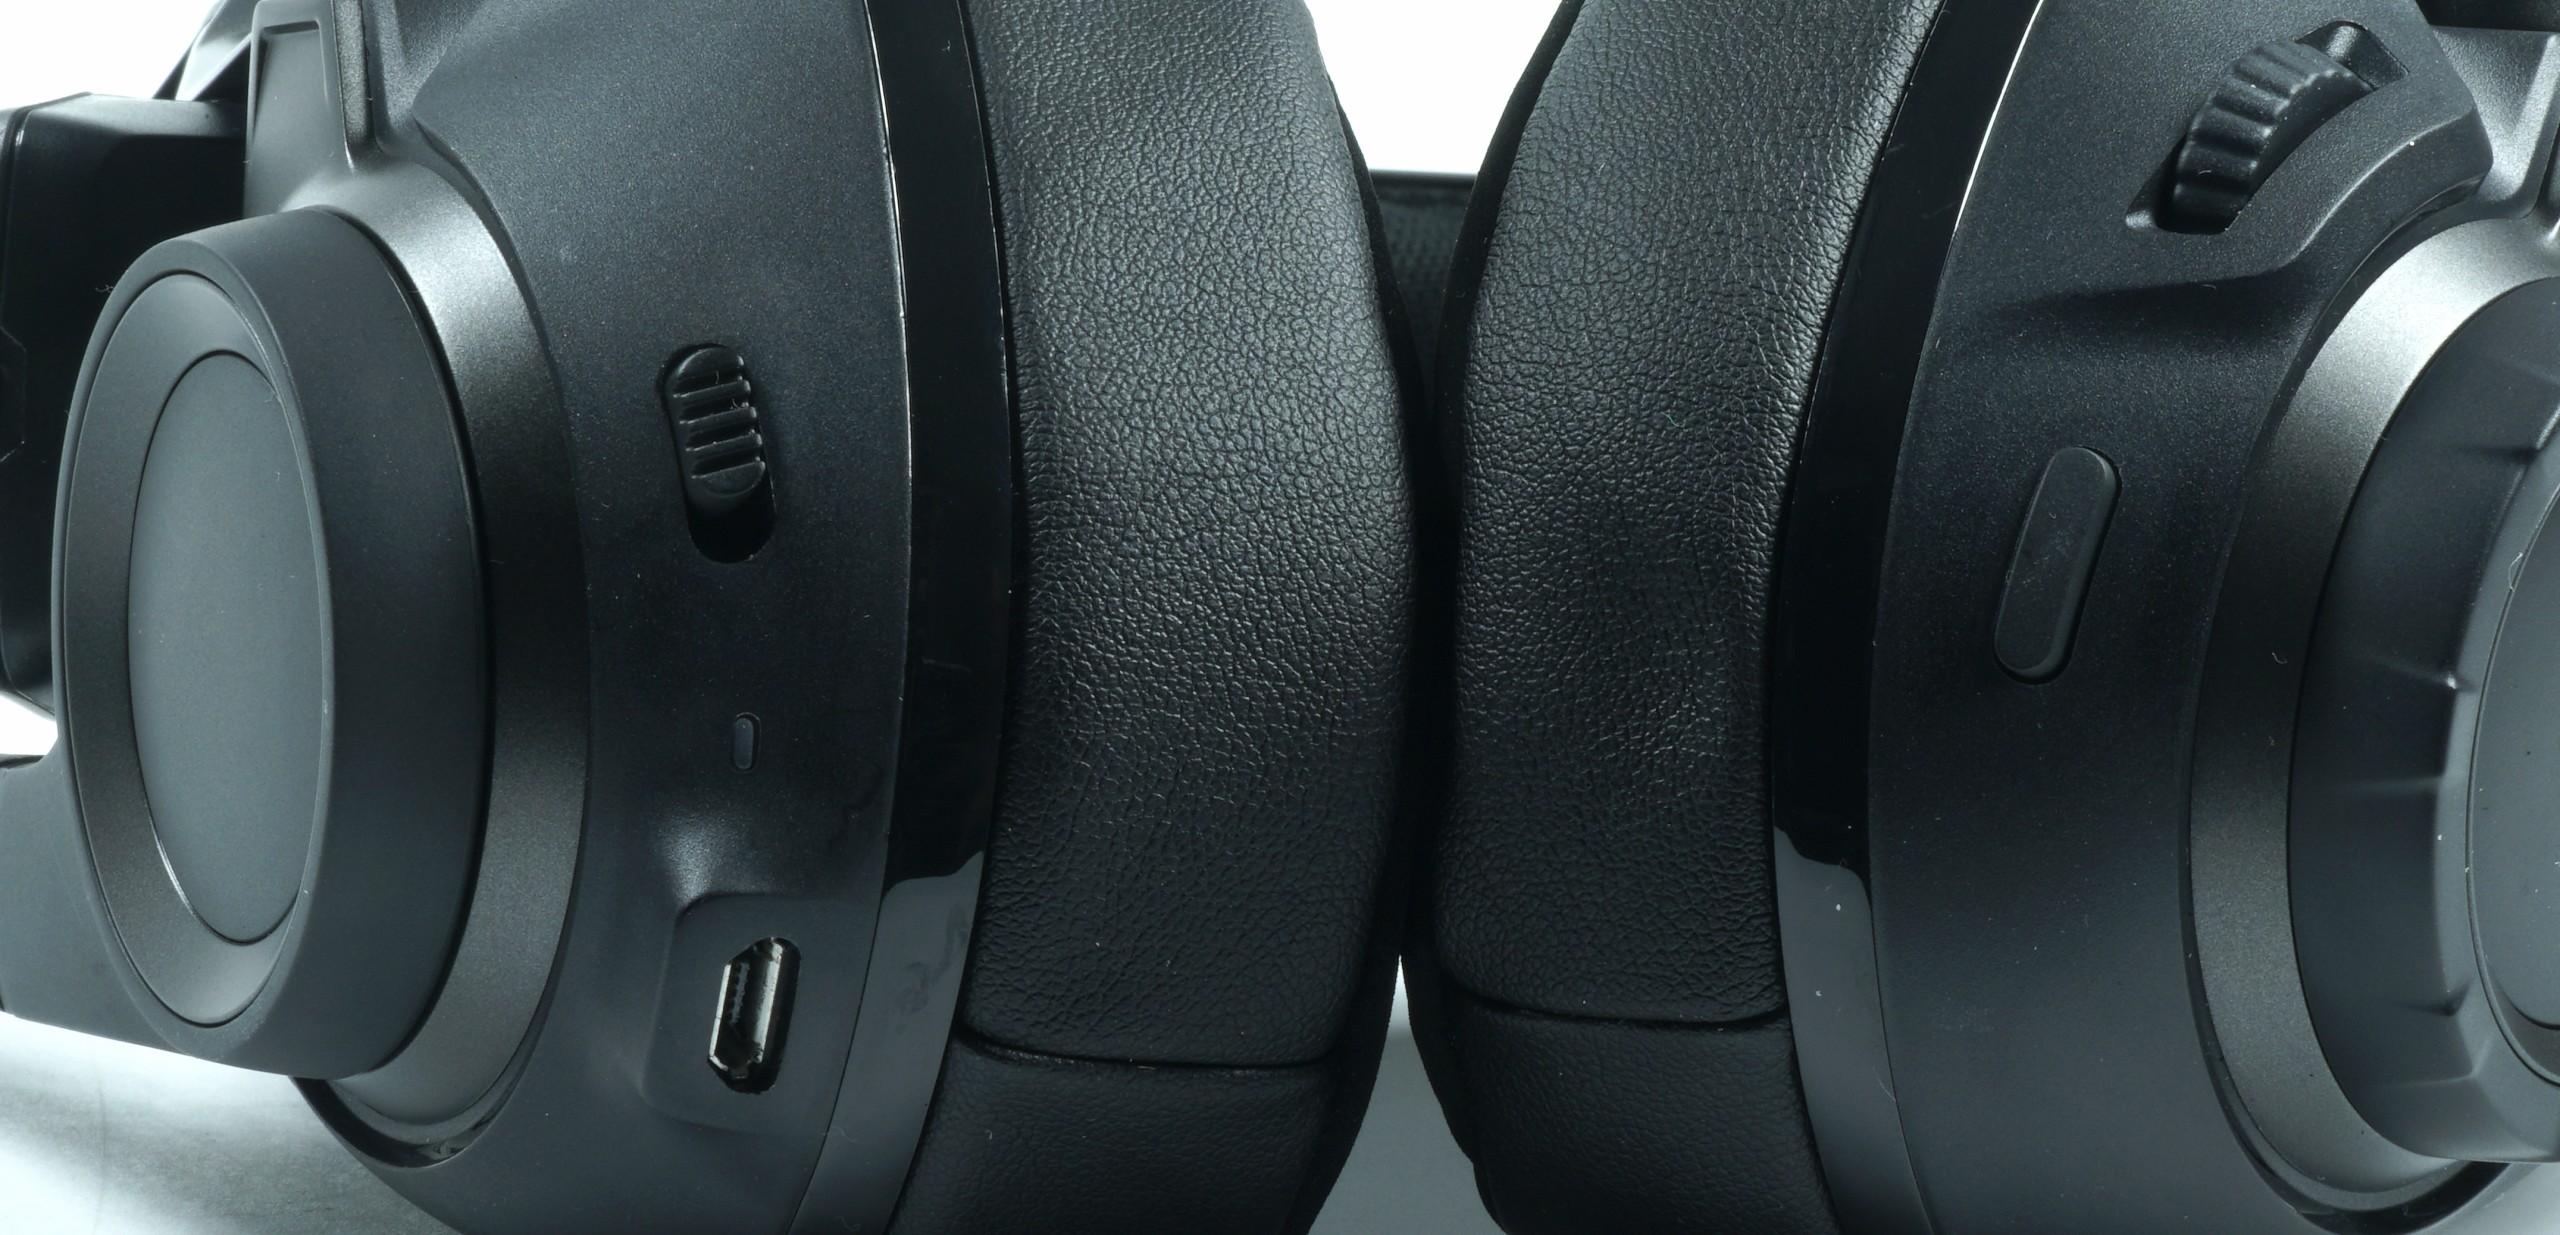 Kabel-Kabel-Kabel-Abdeckungs-Clips ElR8 02